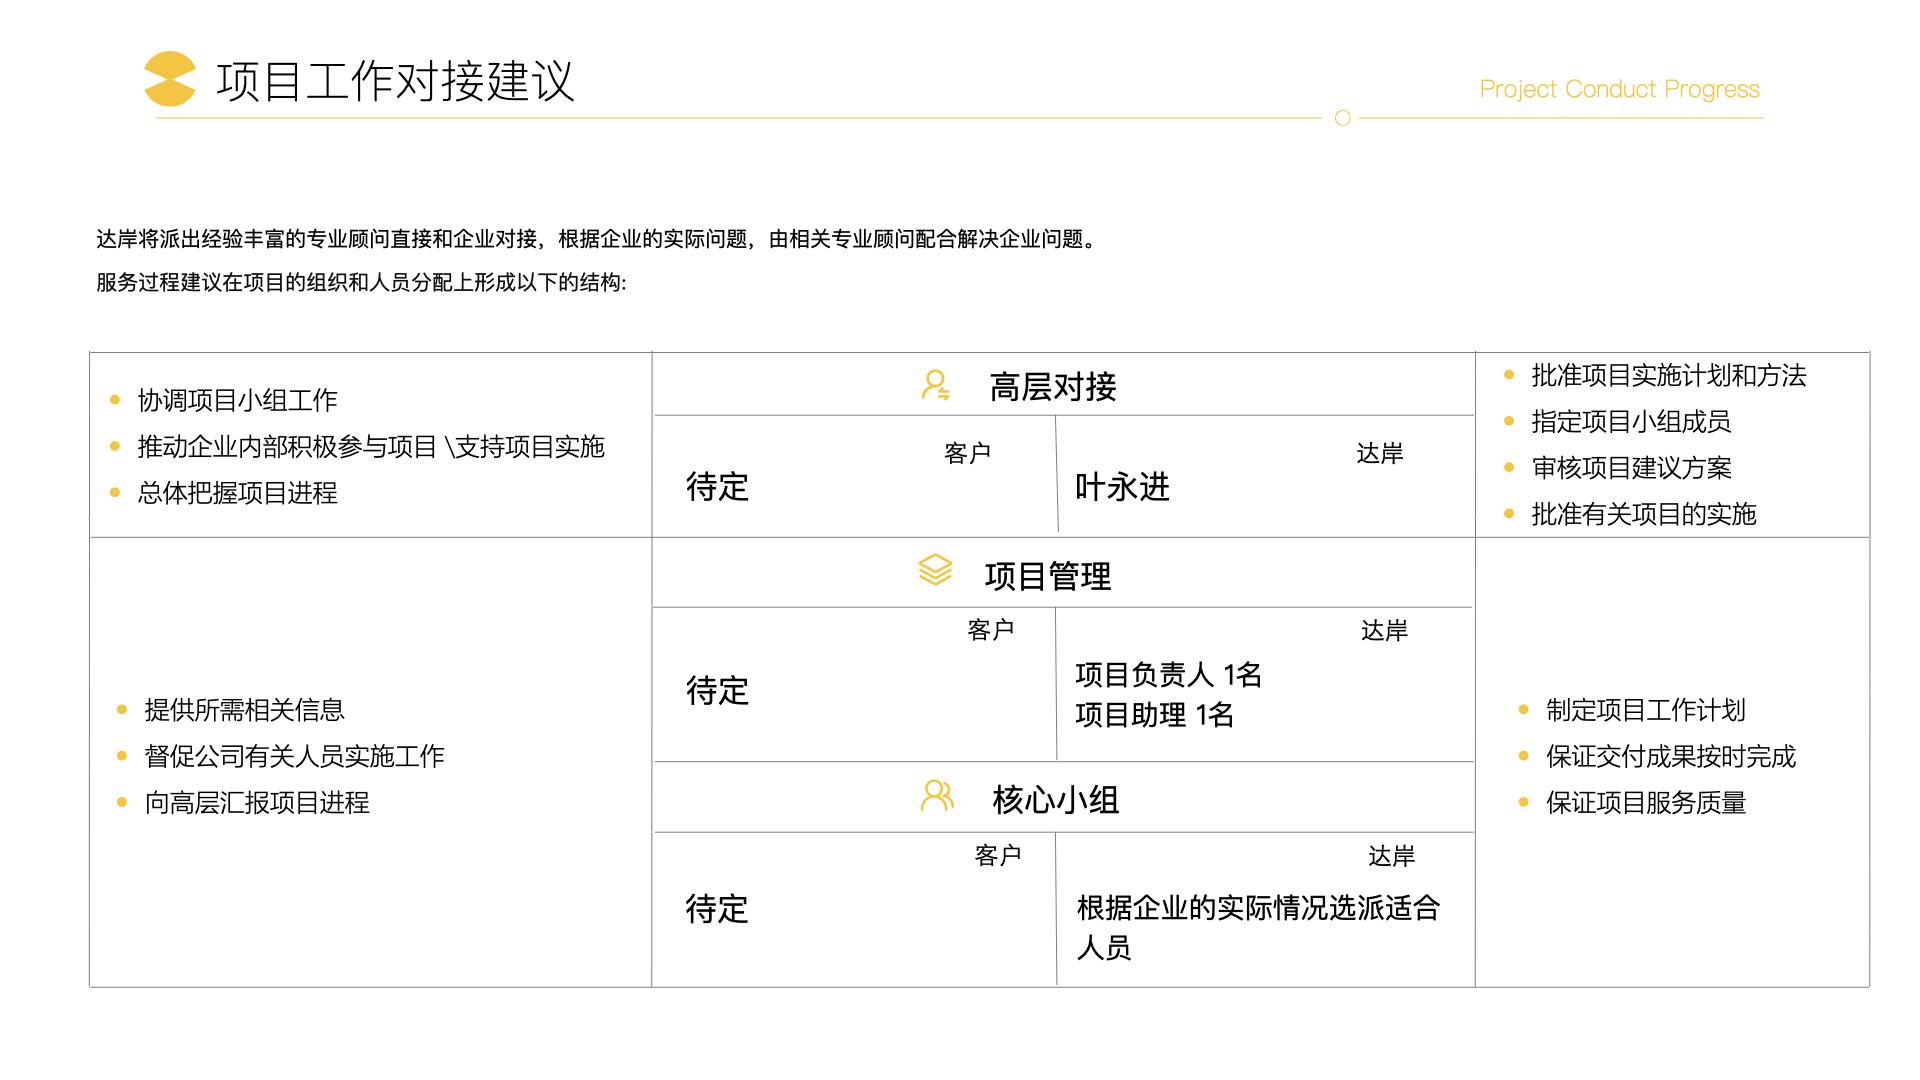 【公司-企业介绍】达岸品牌营销机构20200526.019